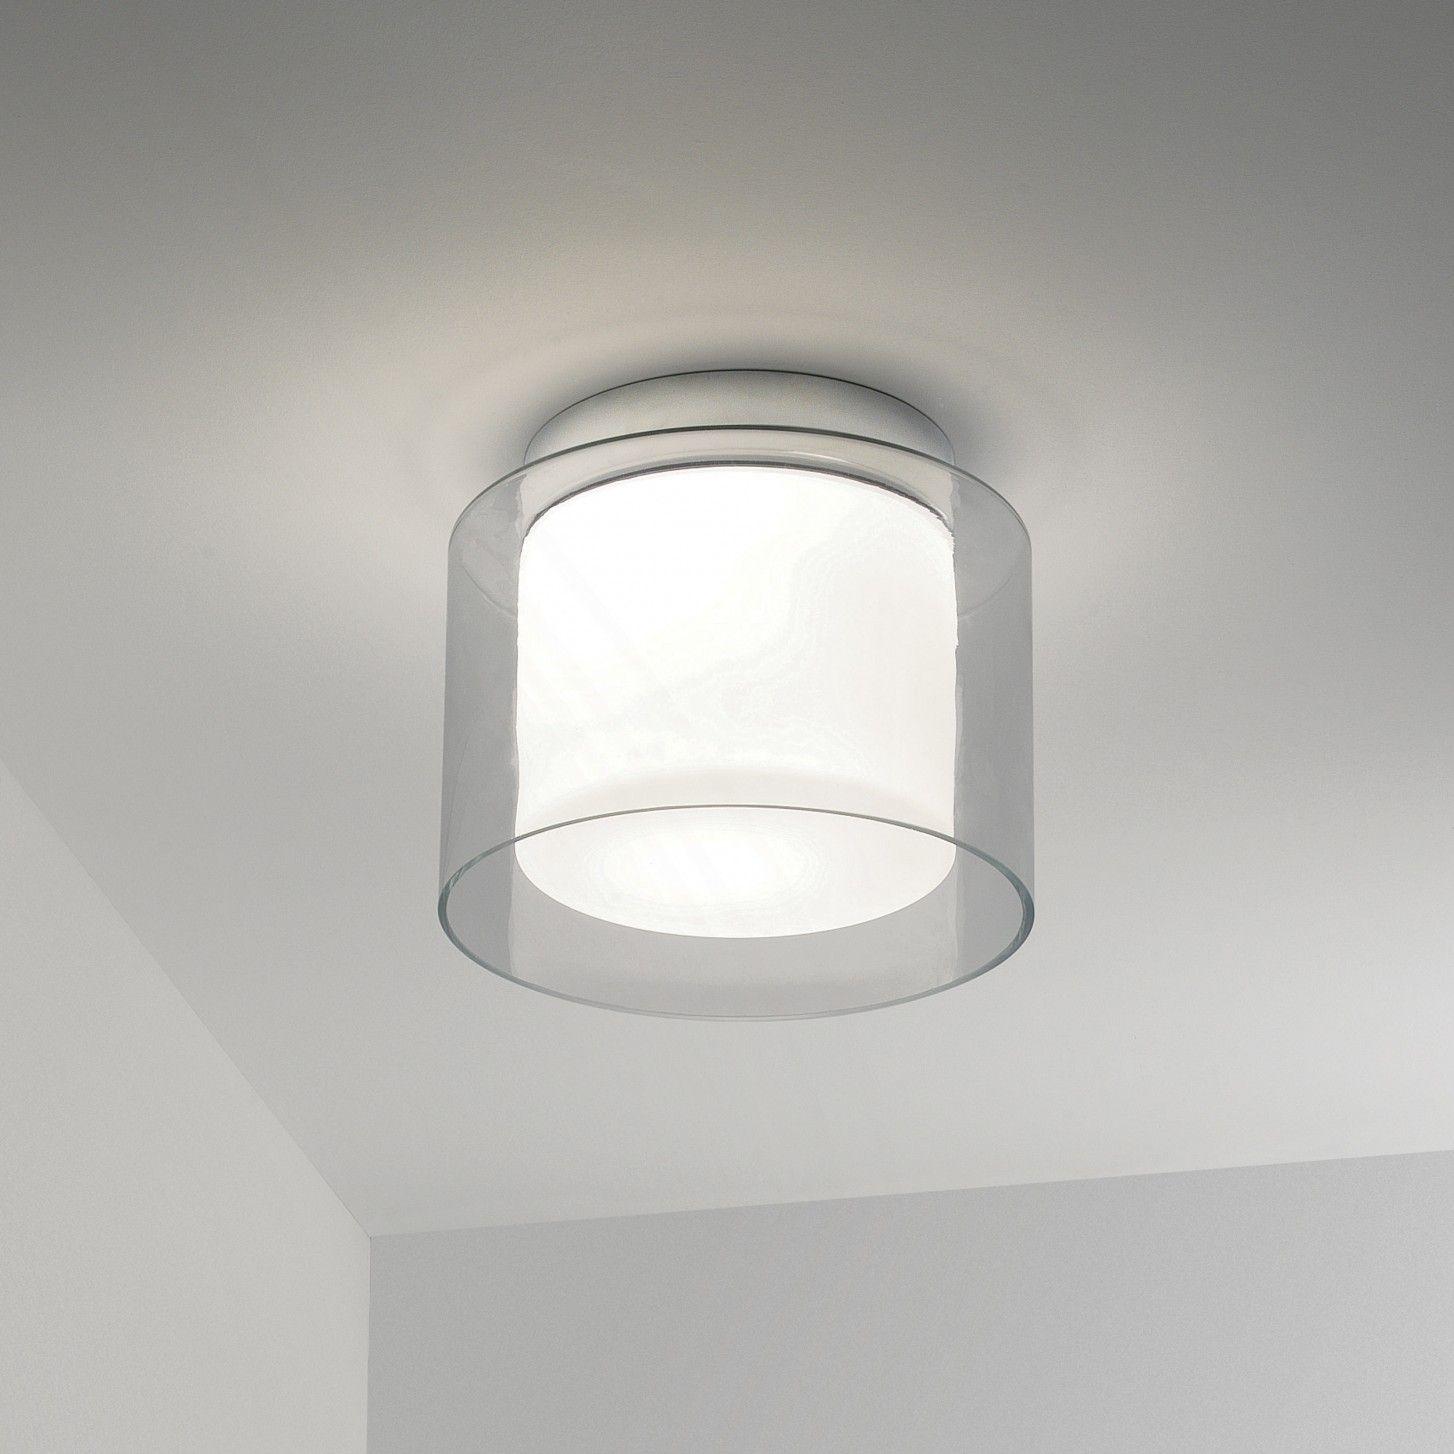 Arezzo Deckenleuchte Von Illumina Astro Bei Ikarus De Beleuchtung Decke Einbau Deckenleuchten Deckenlampe Flur